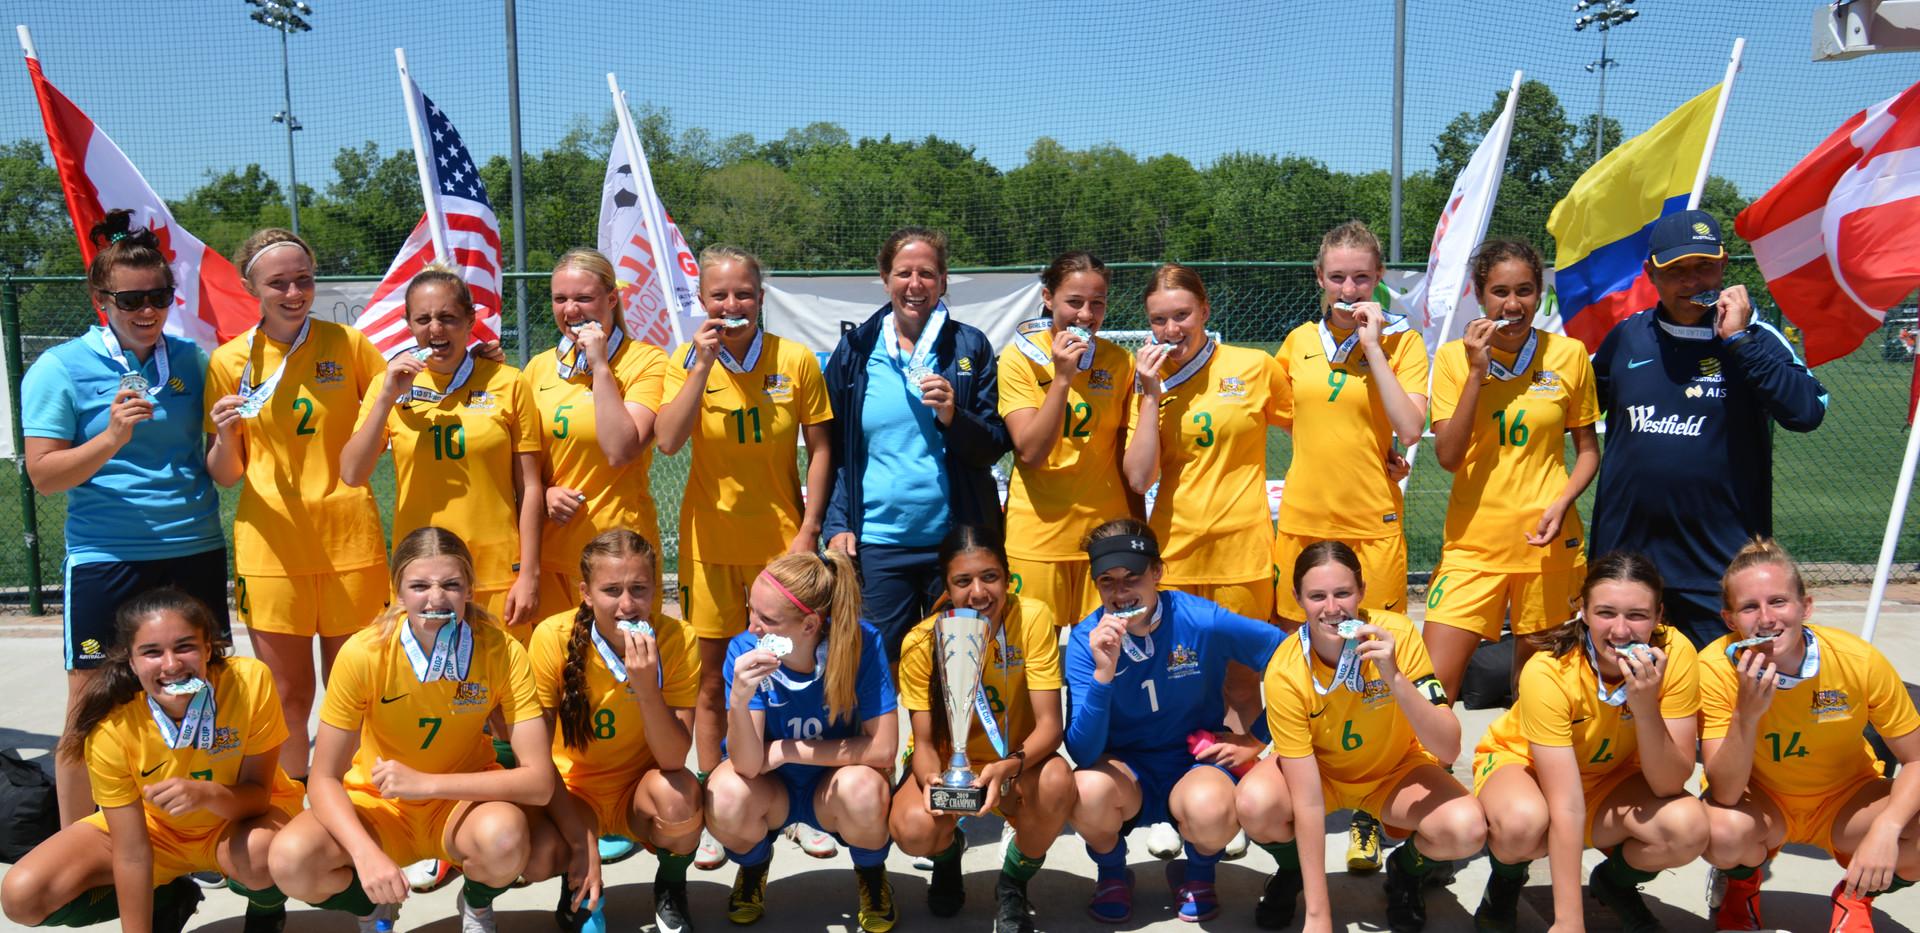 2000/2001 Champions - Australian Schoolgirls